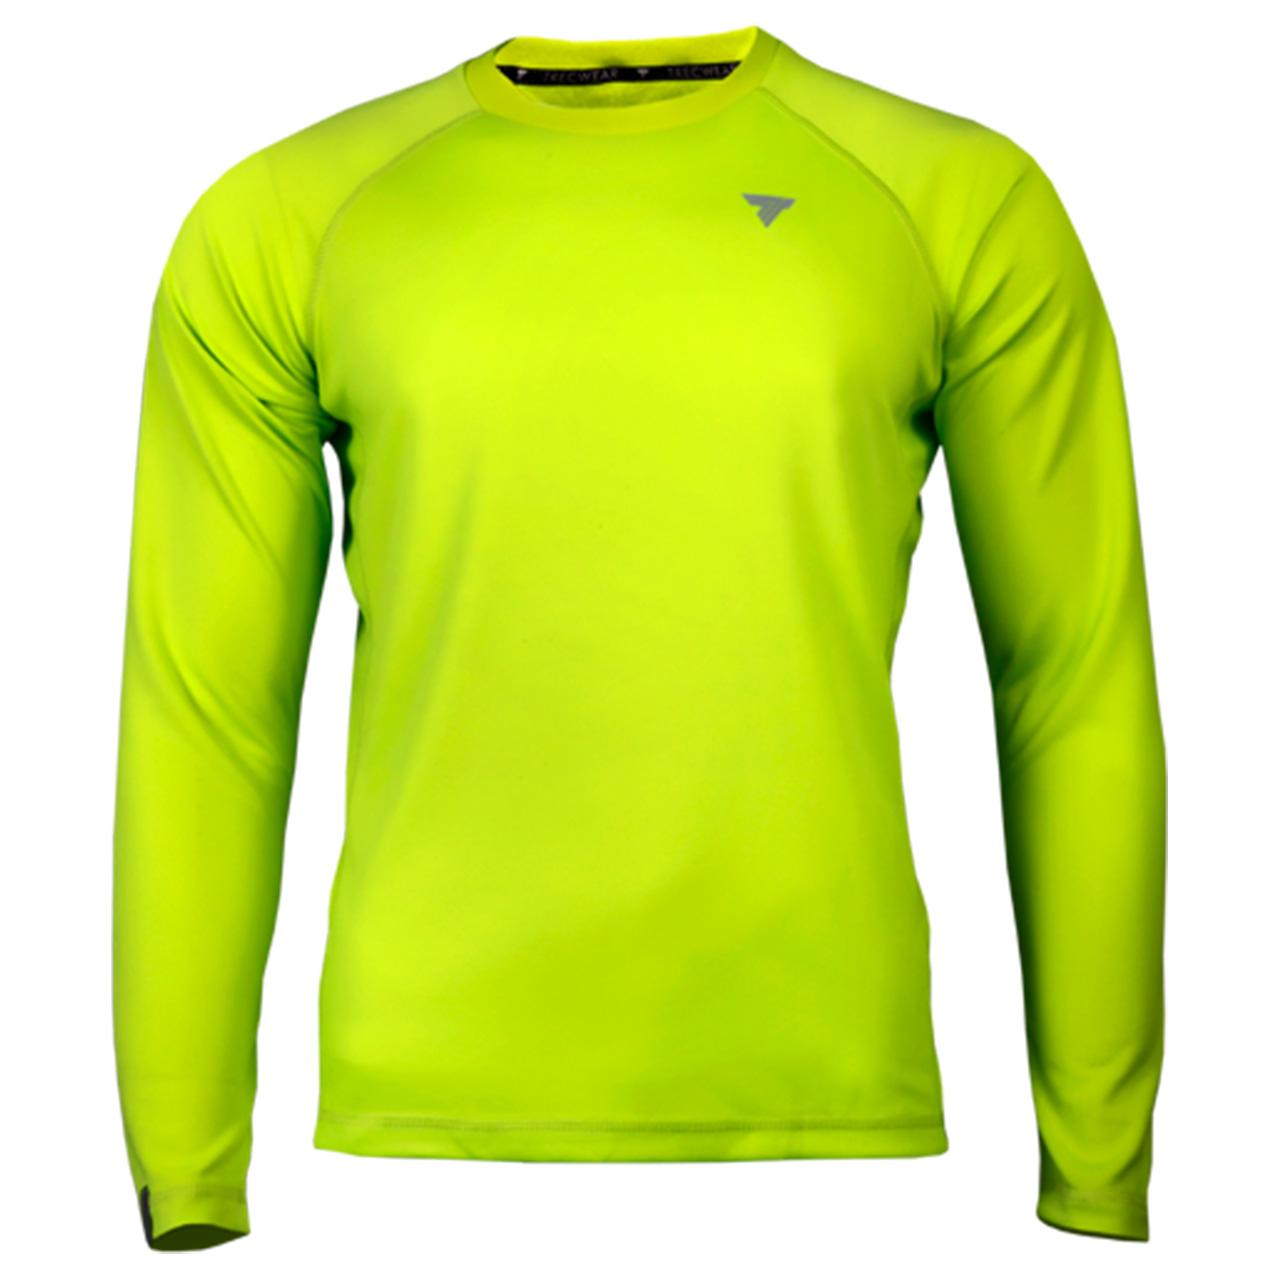 تیشرت آستین بلند ورزشی مردانه ترِک ویر مدل Cooltrec 018 Bright Green